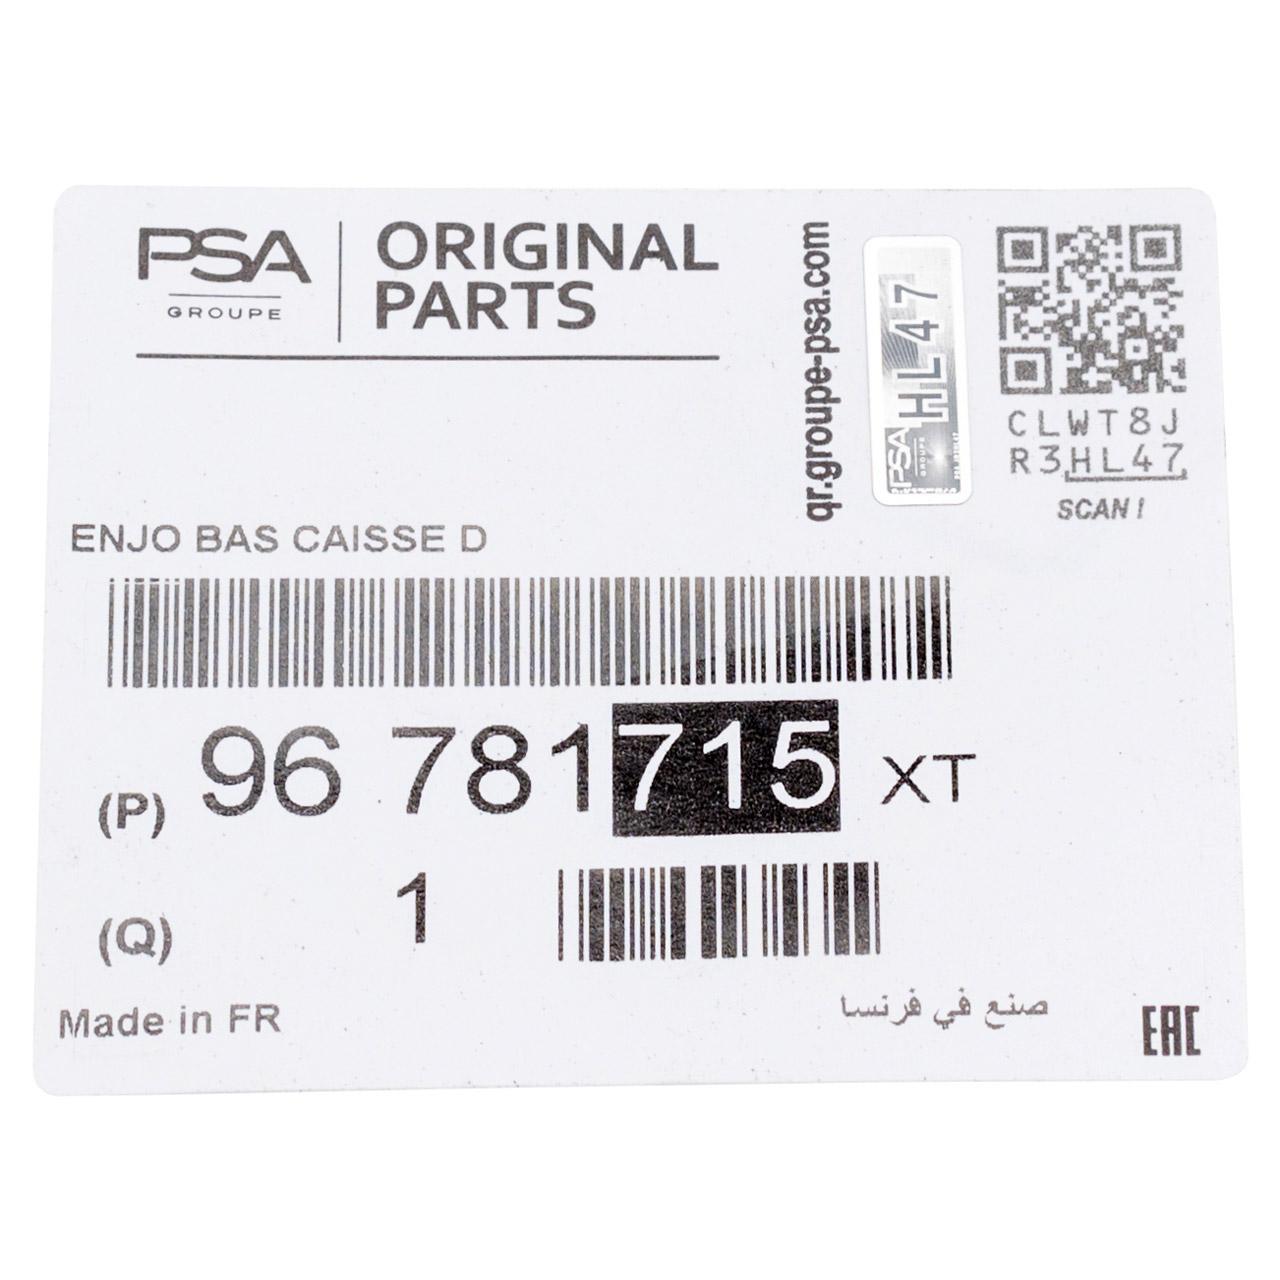 ORIGINAL PSA PEUGEOT Seitenschweller Verkleidung 2008 1 rechts 96781715XT